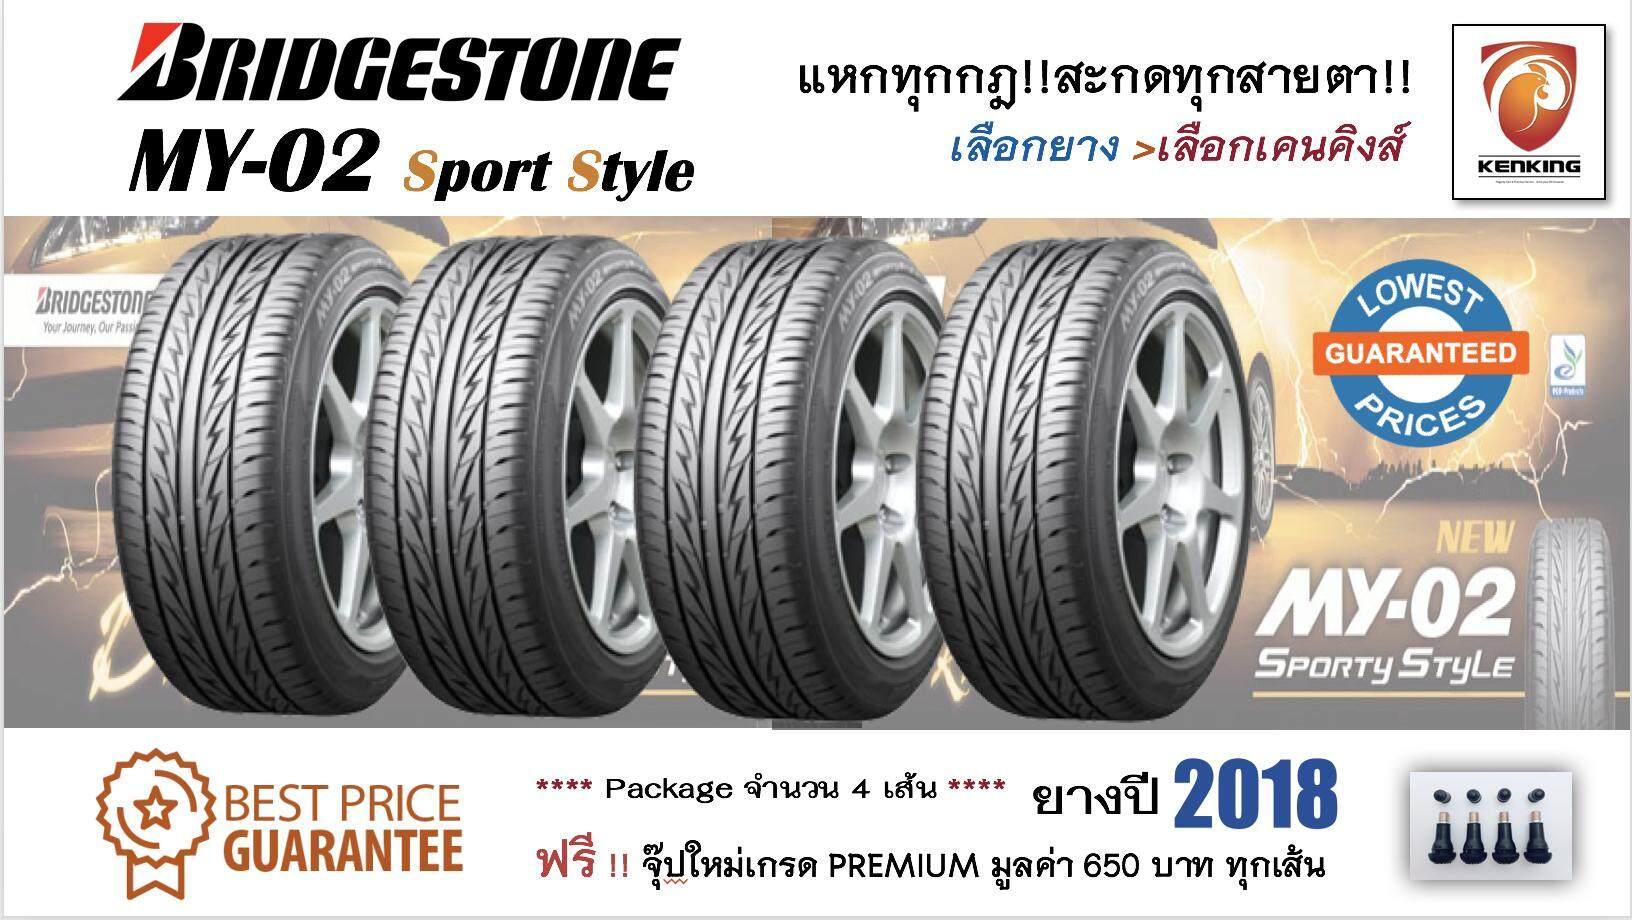 ประกันภัย รถยนต์ ชั้น 3 ราคา ถูก อุดรธานี ยางรถยนต์ขอบ 16 Bridgestone 195/50 R16 (สำหรับ 4 เส้น)  New!! ปี 2019 รุ่น MY02 (ฟรี !! จุ๊ปใหม่เกรด Premium มูลค่า 650 บาท)